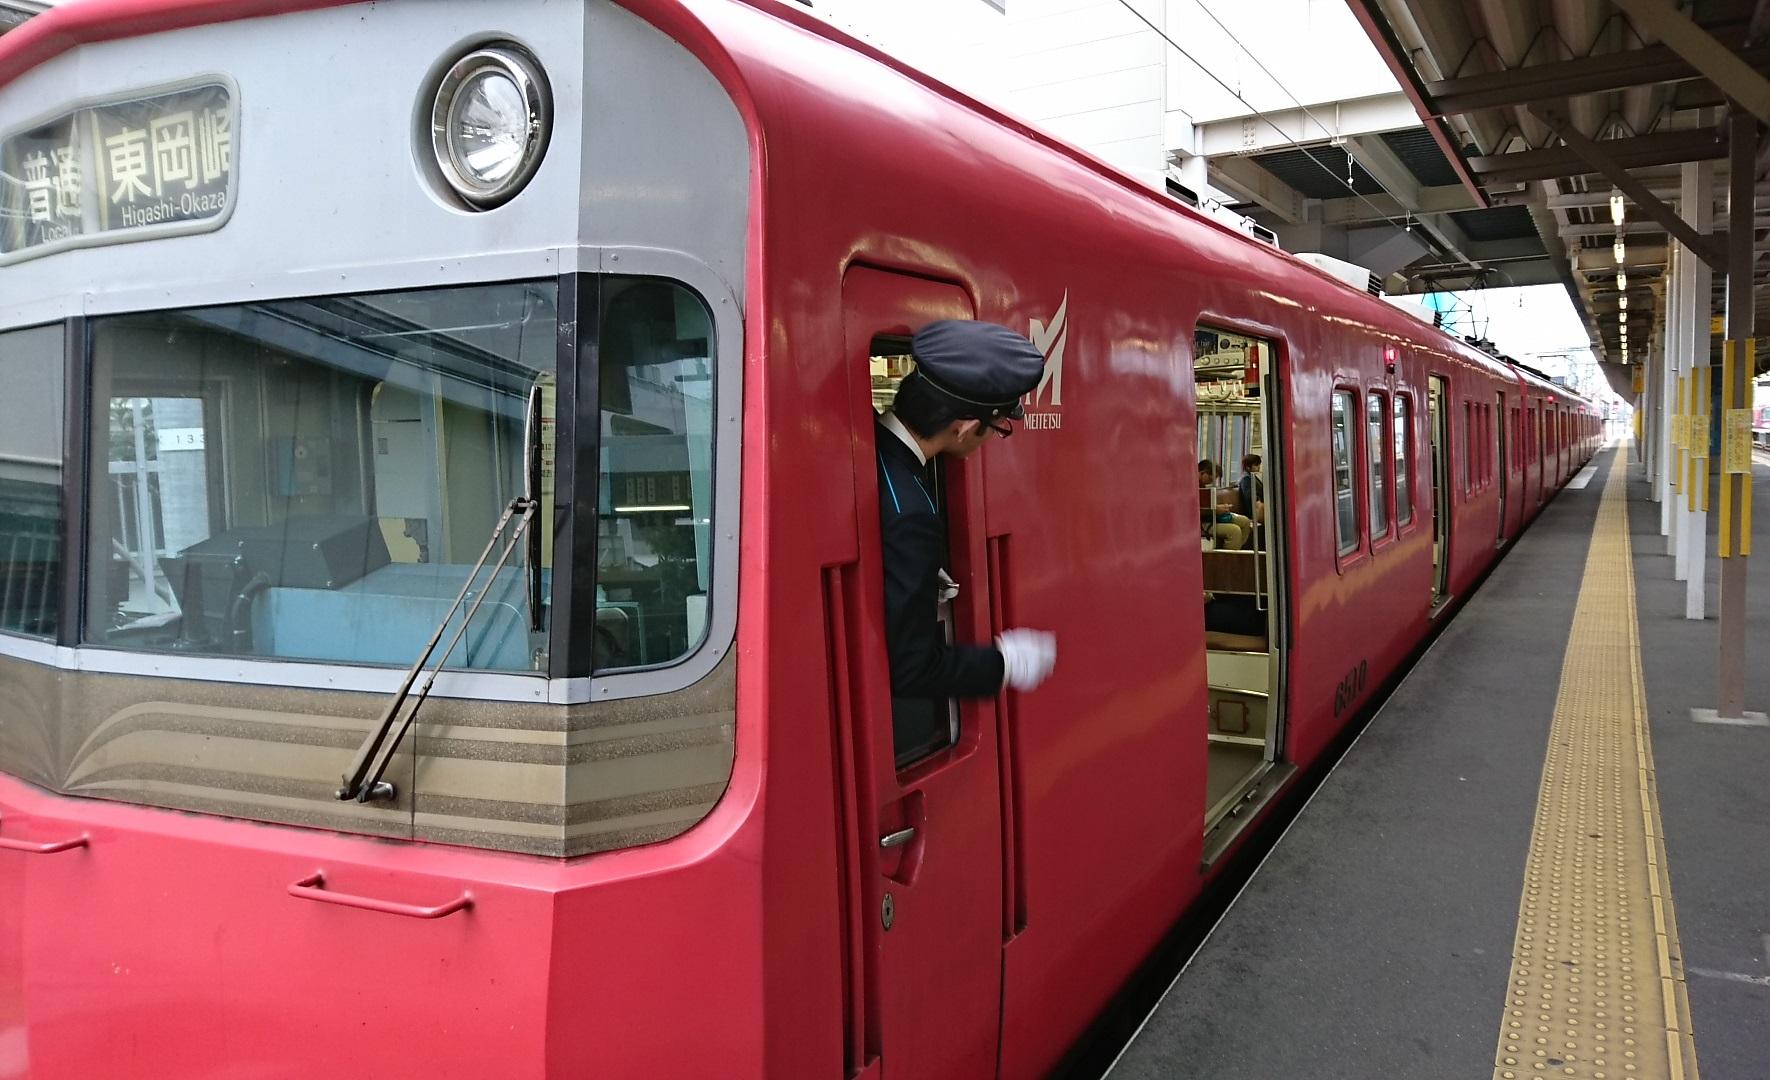 2016.12.4 (4) しんあんじょう - 東岡崎いきふつう(6410)1770-1080